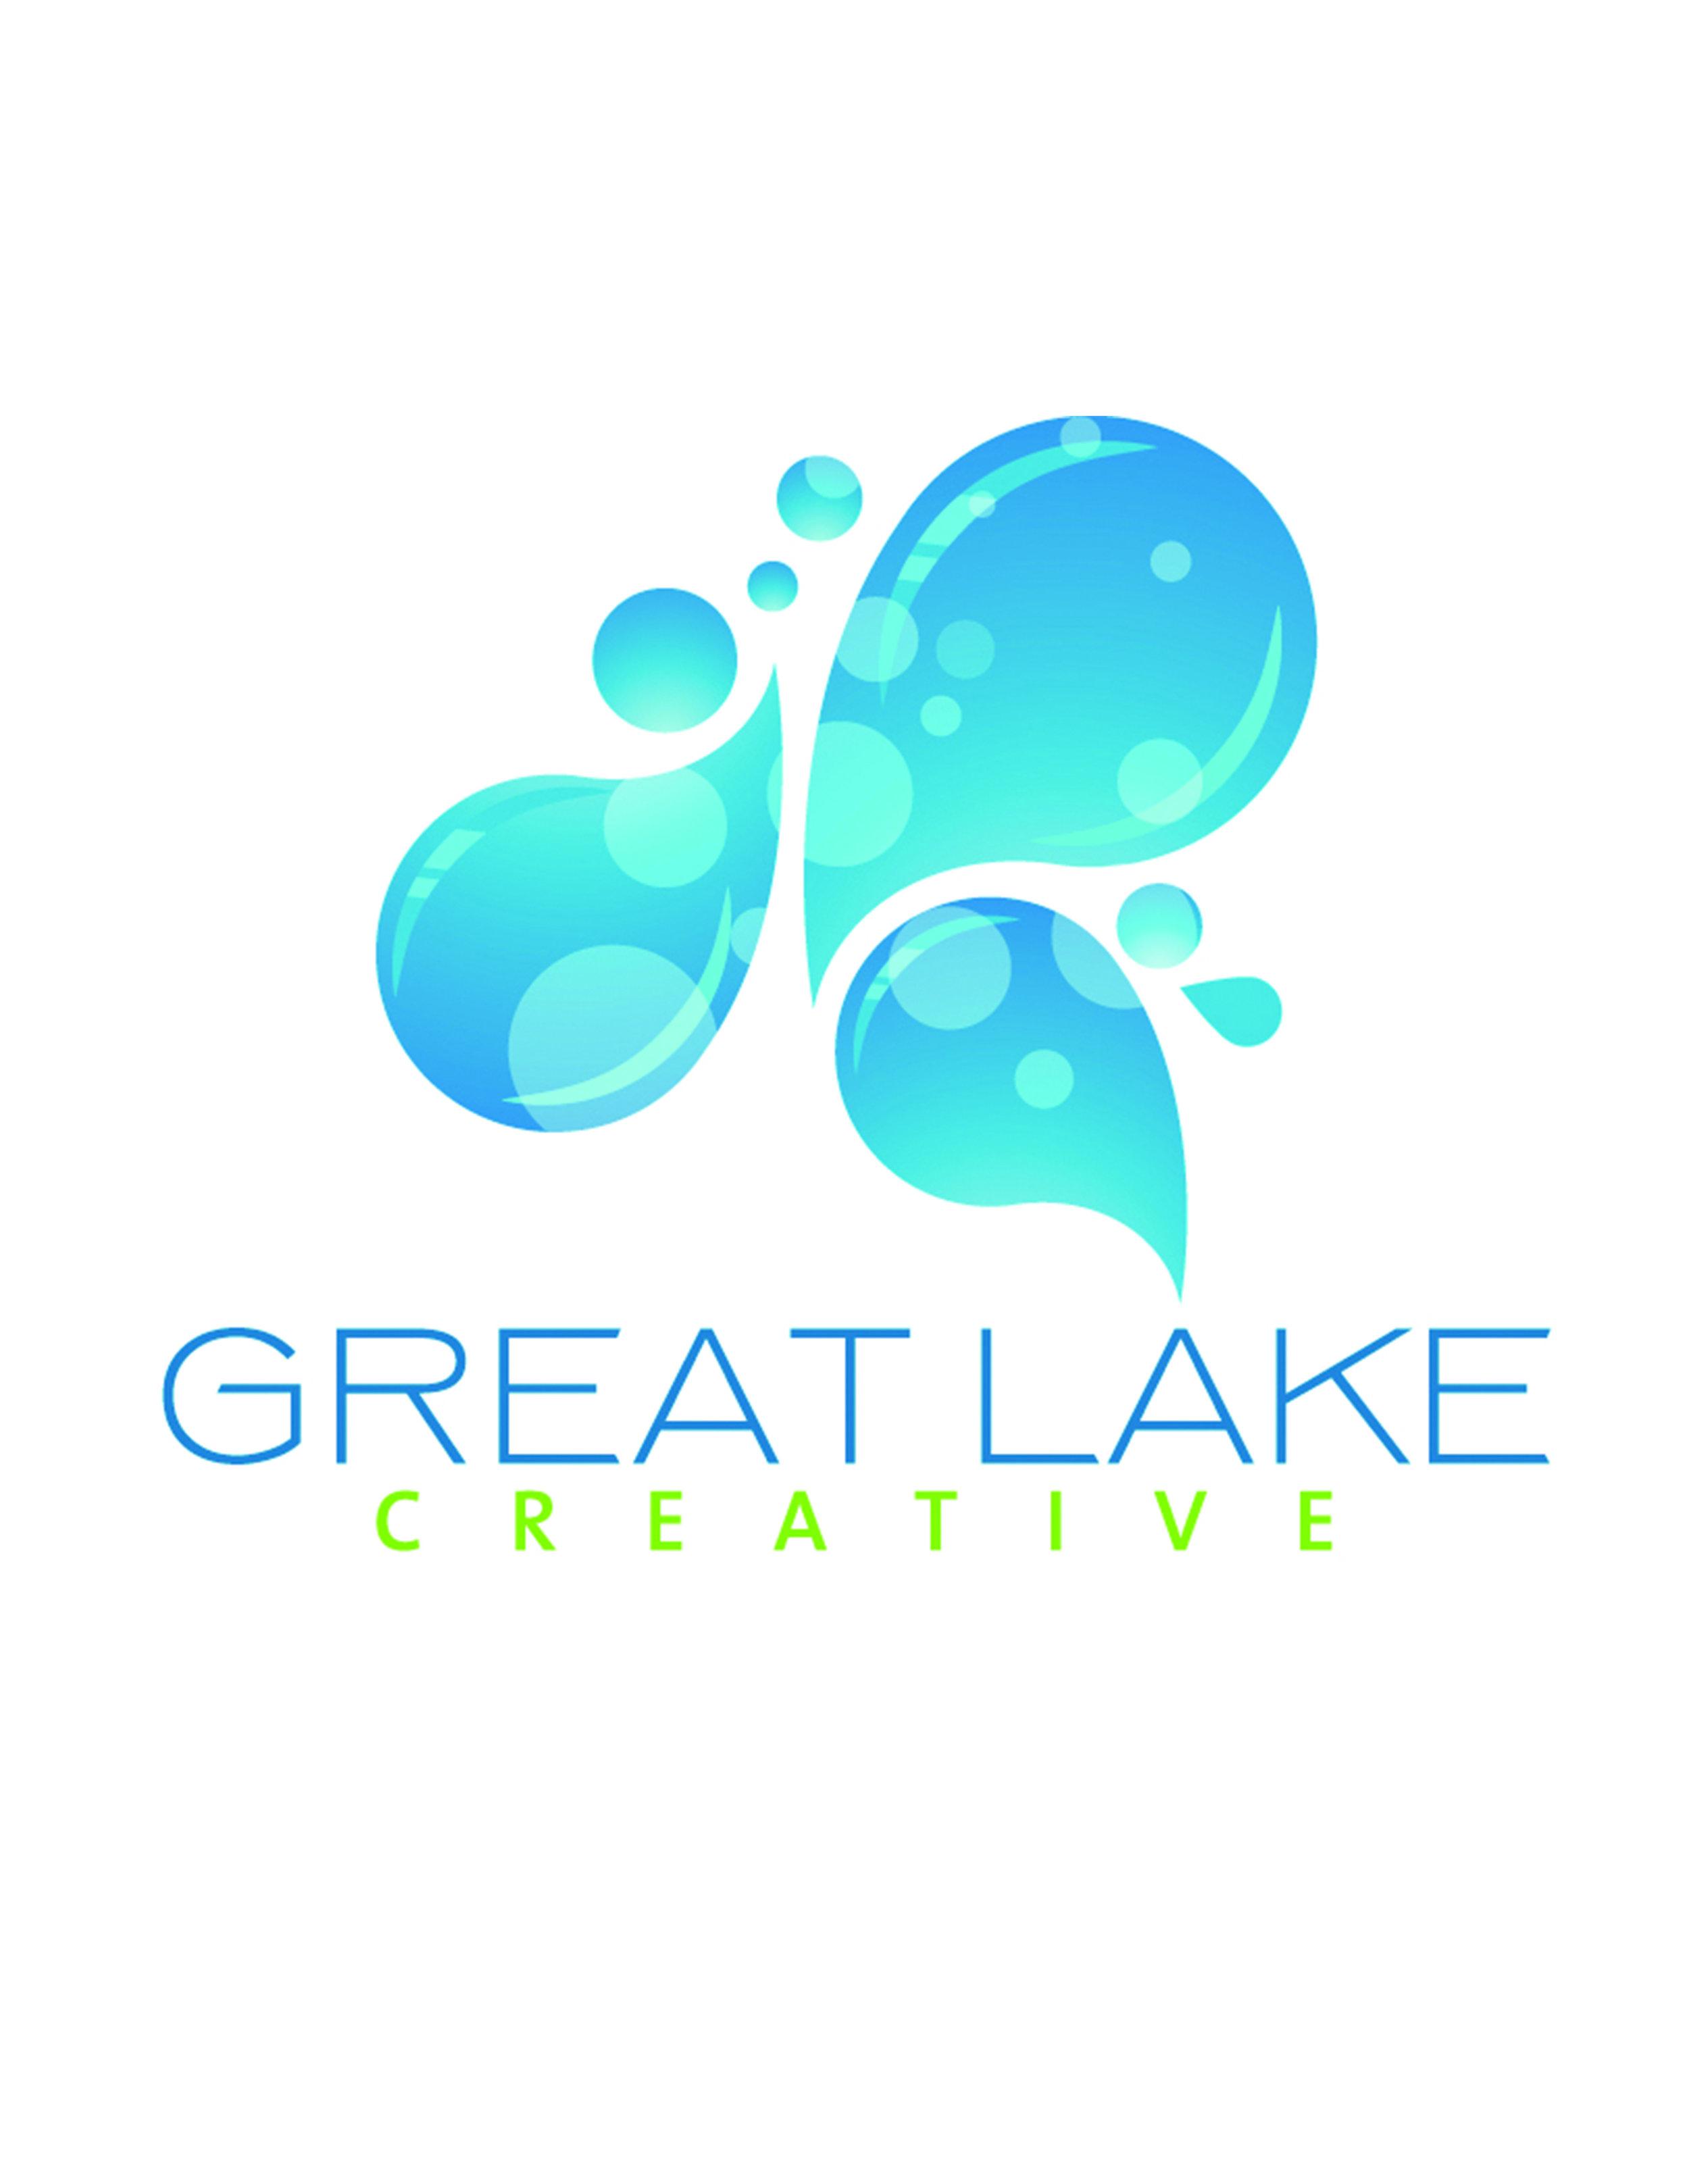 great lakes.jpg